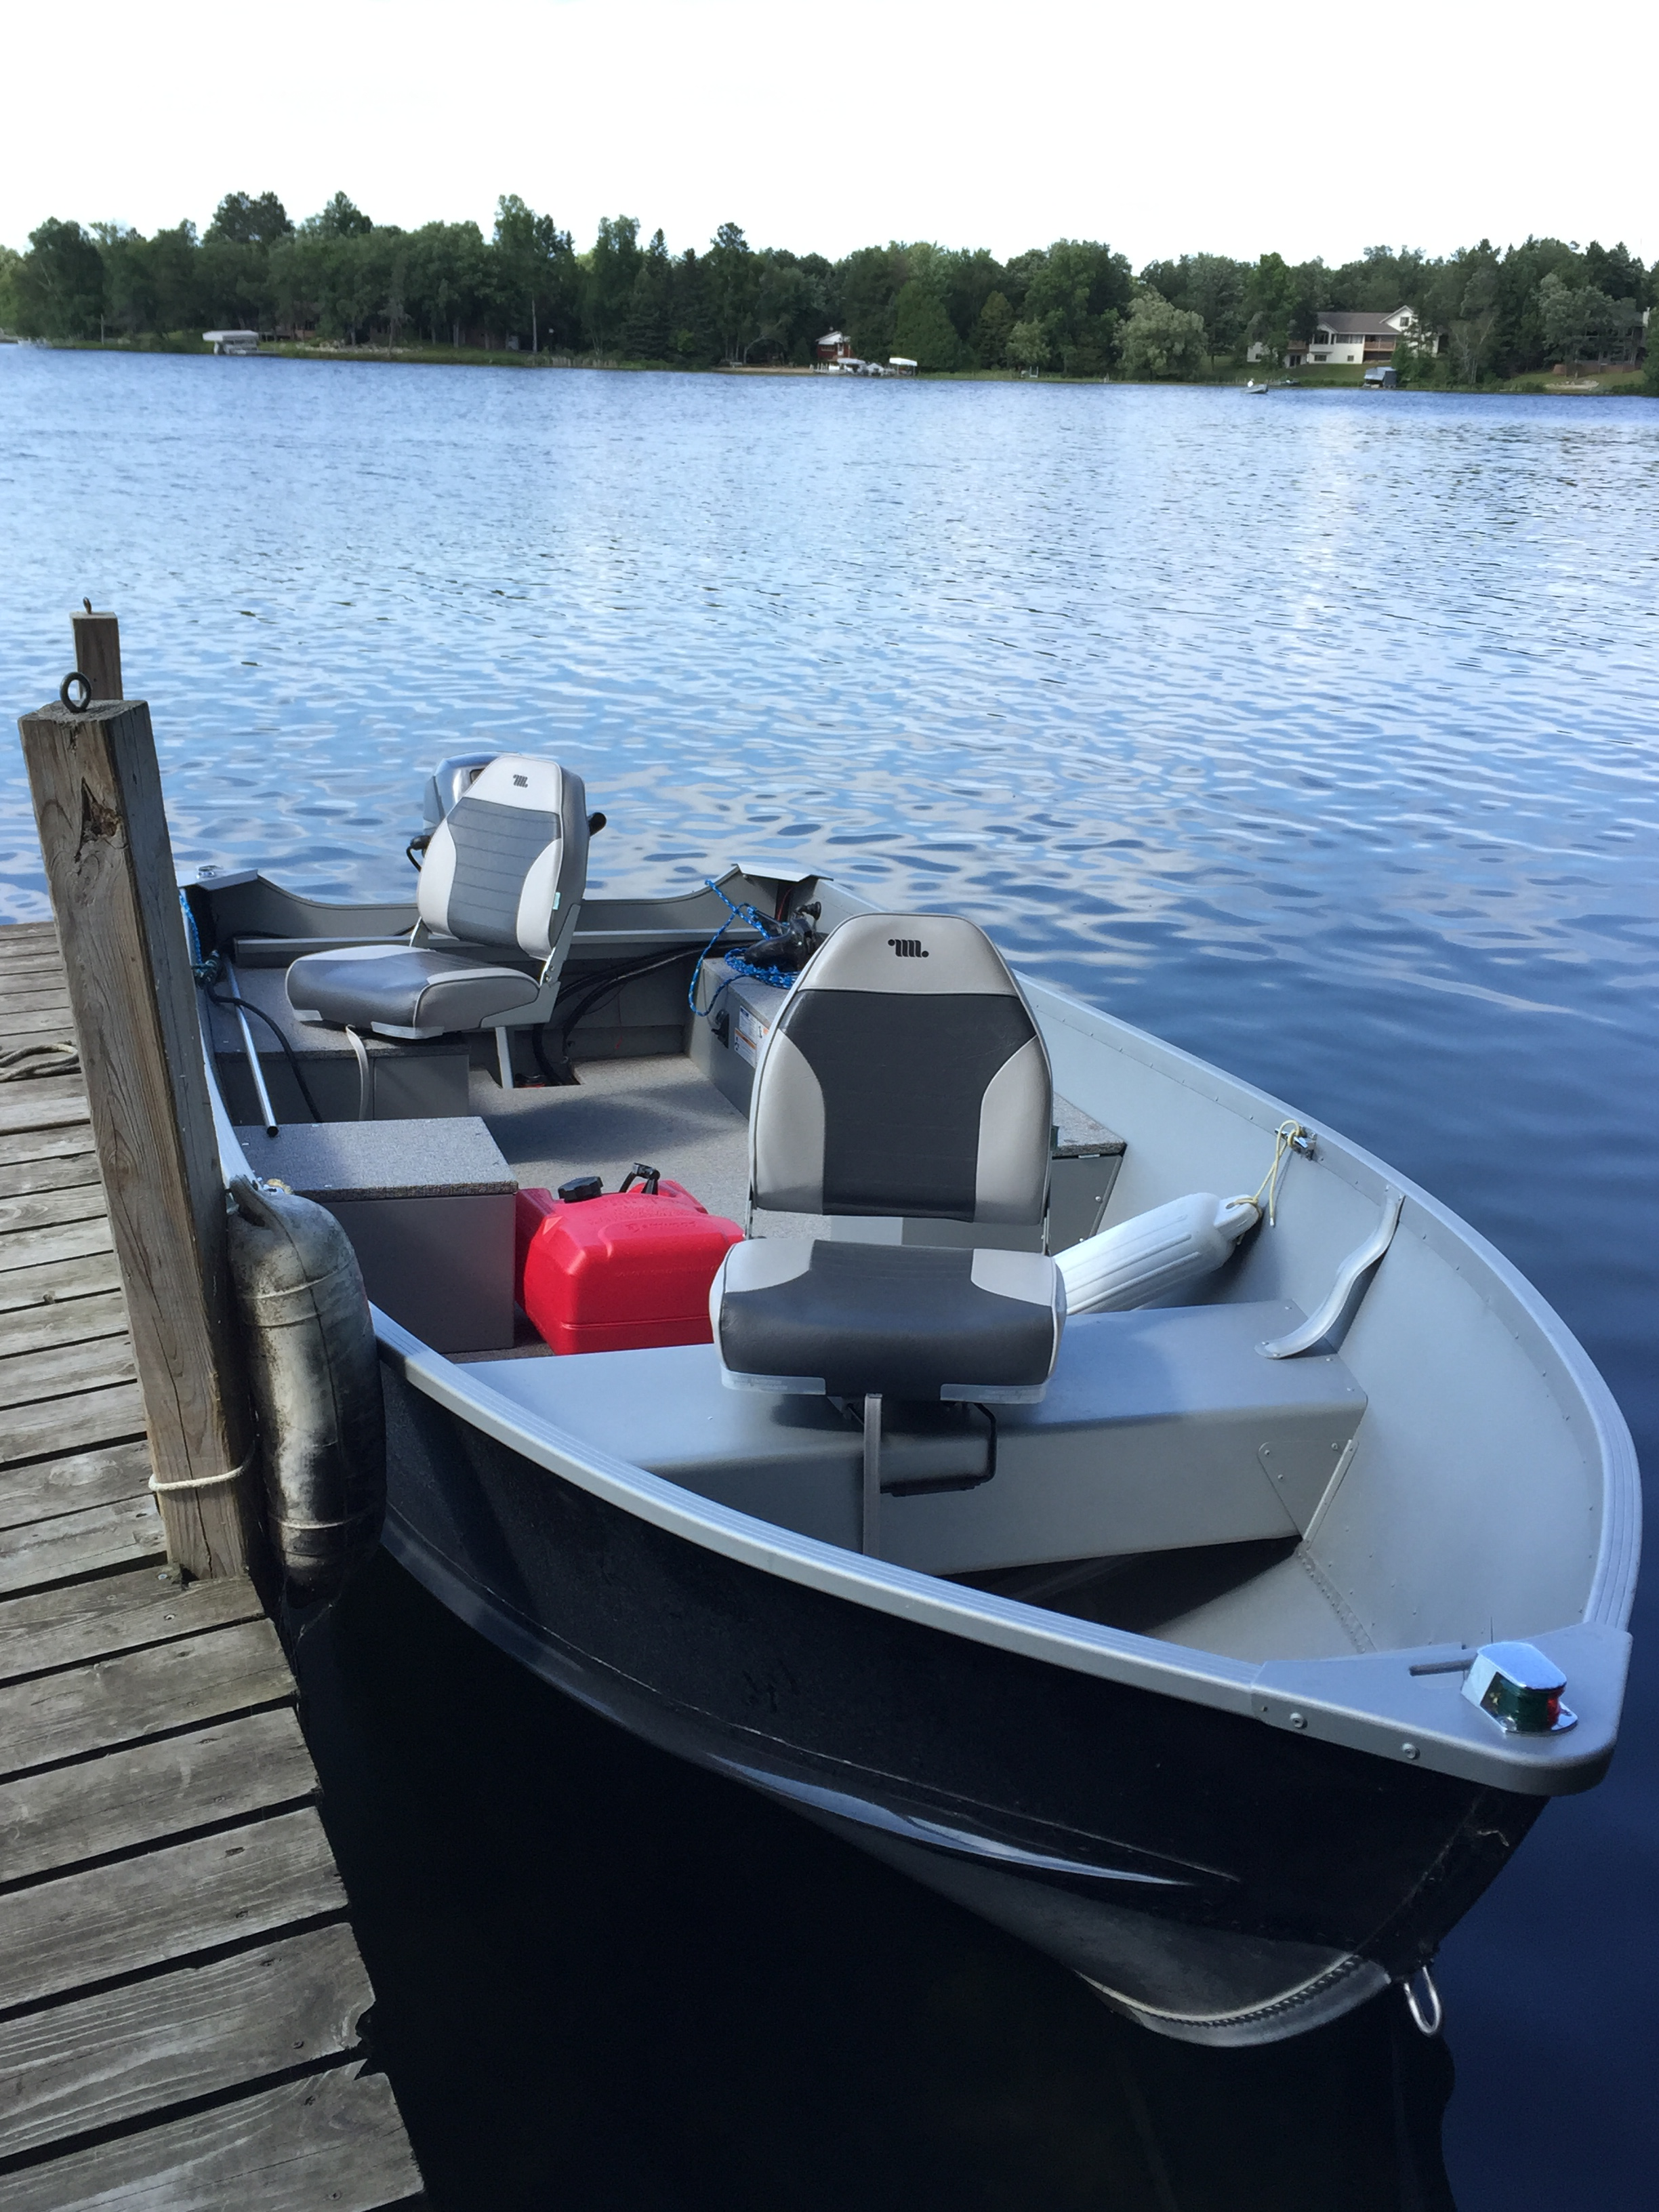 Shallow Water Boats >> Straight Lake Boat Rentals | Pontoon & Fishing Boat Rentals